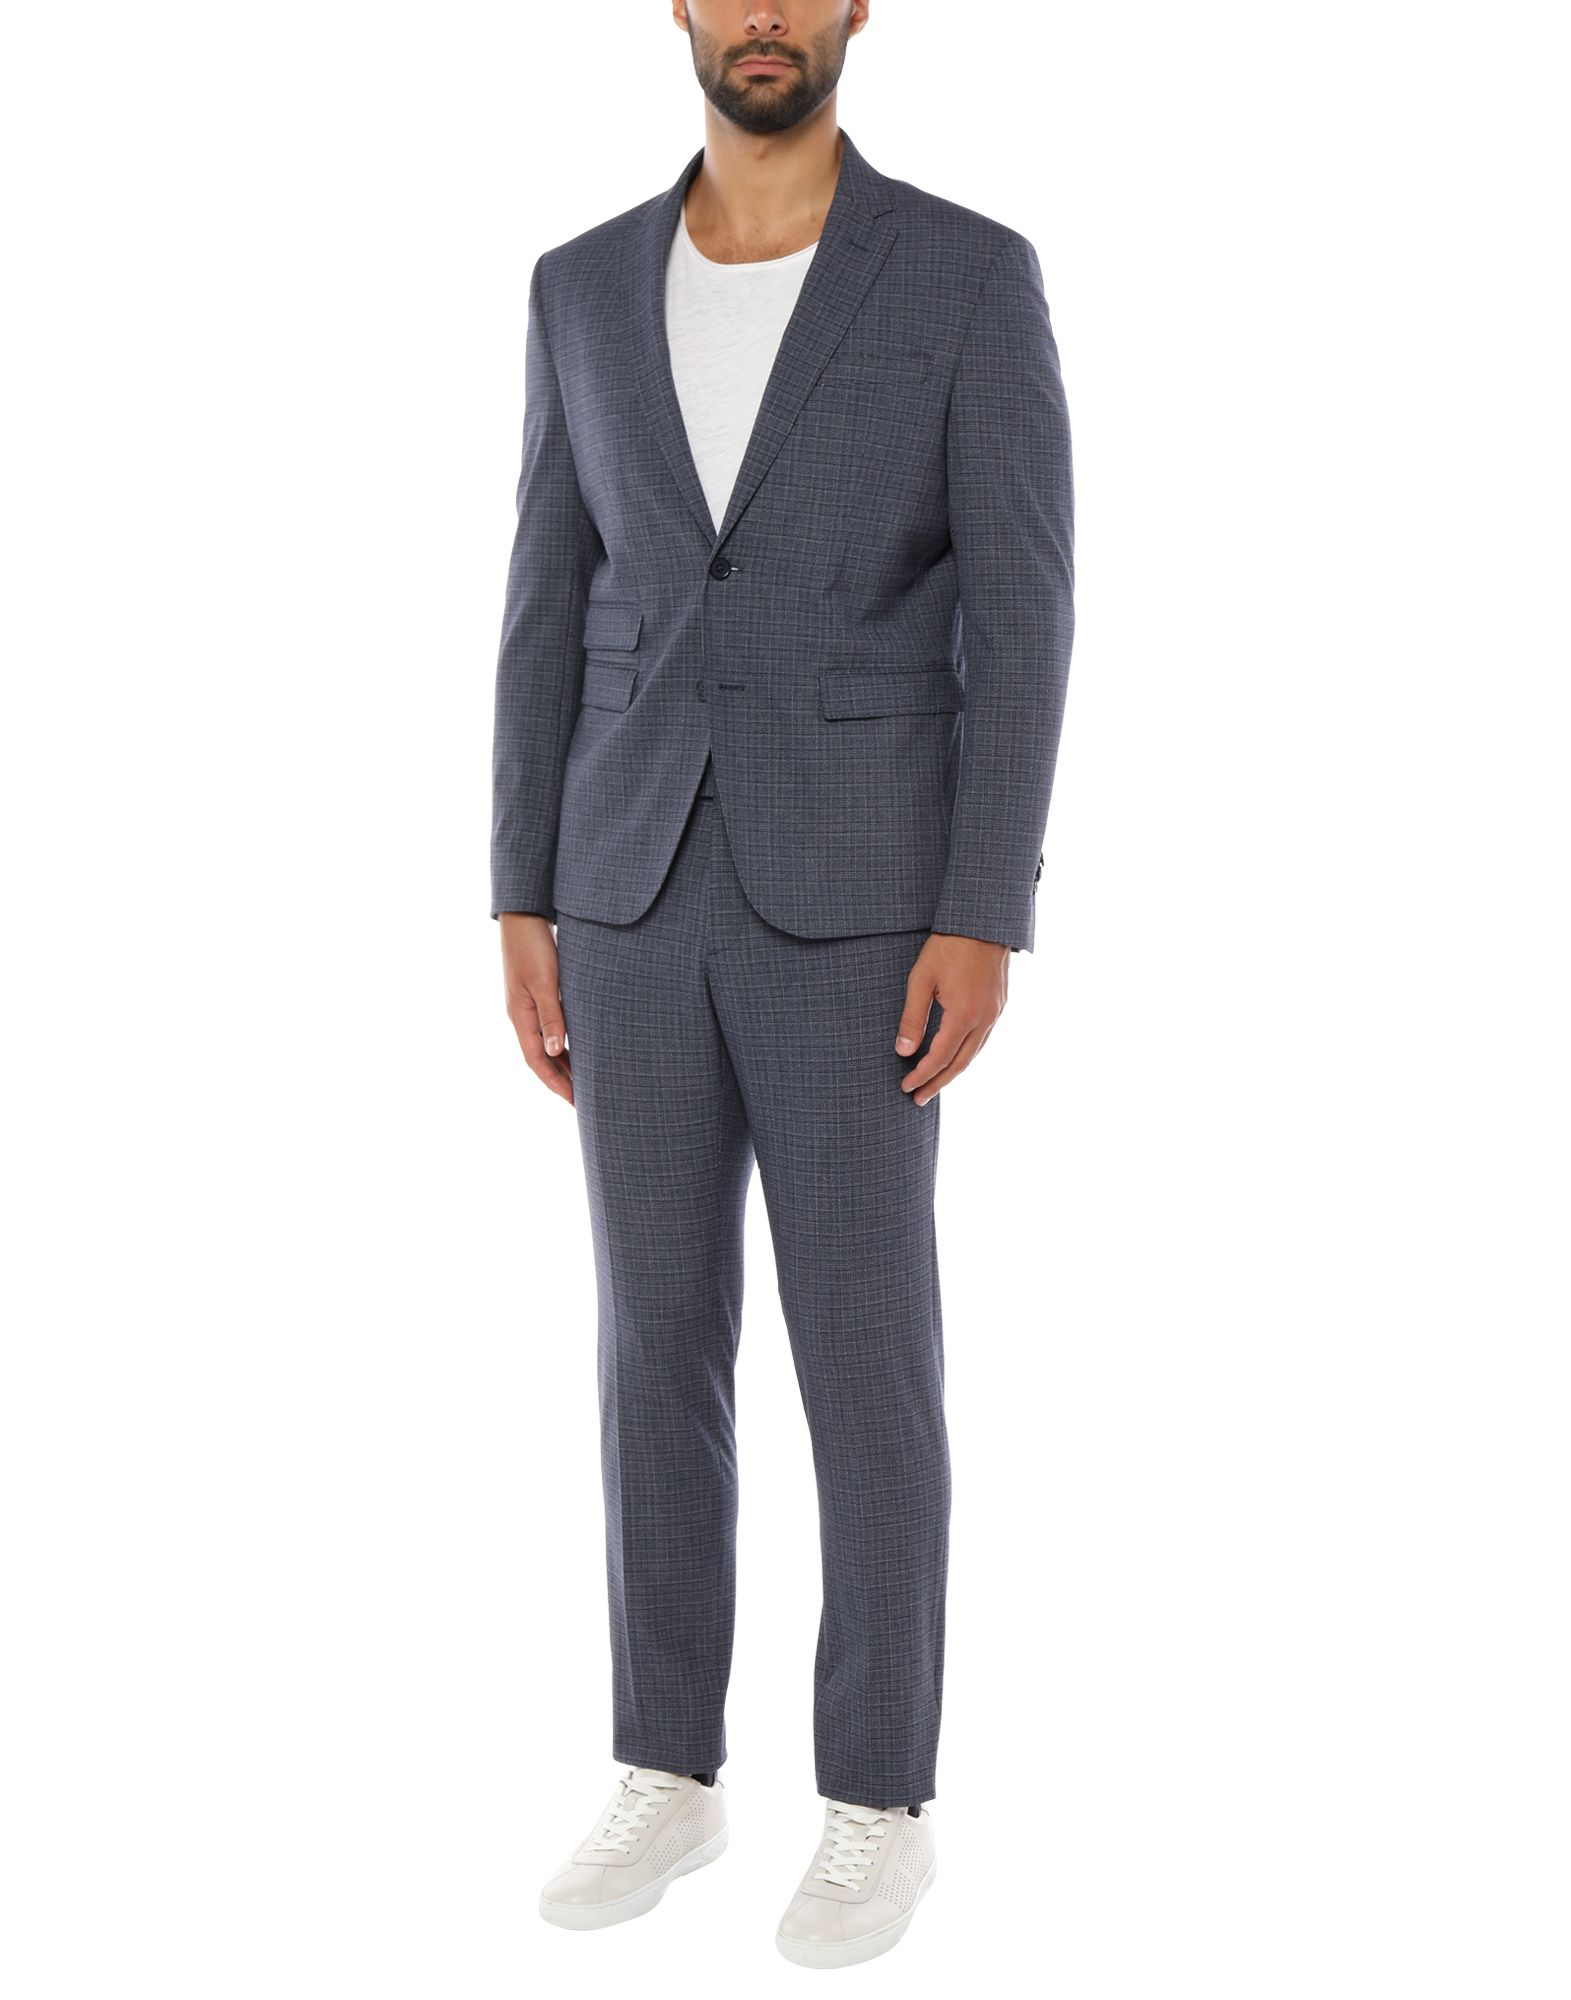 《セール開催中》DOMENICO TAGLIENTE メンズ スーツ ブルー 44 ポリエステル 63% / レーヨン 33% / ポリウレタン 4%